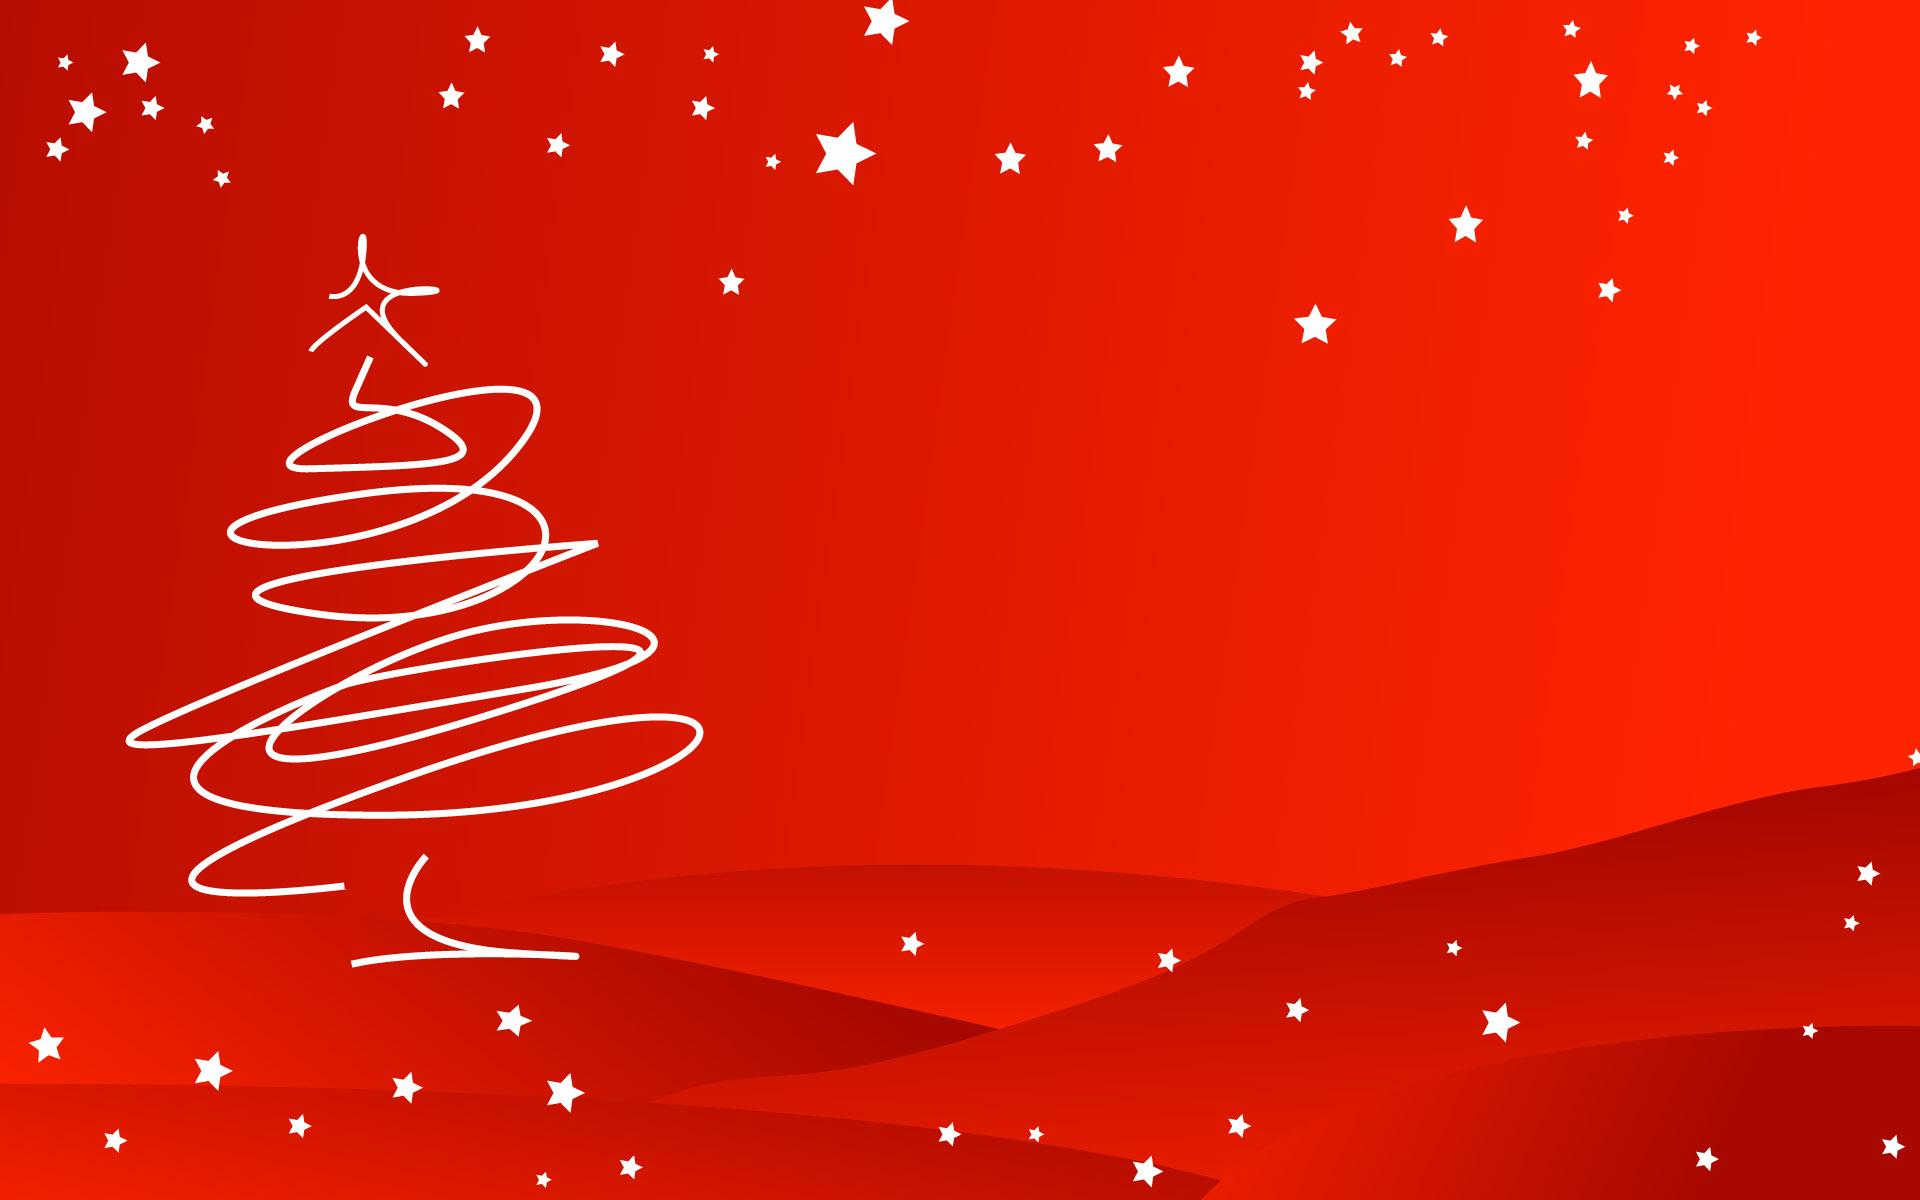 Feliz Navidad empieza por «E».